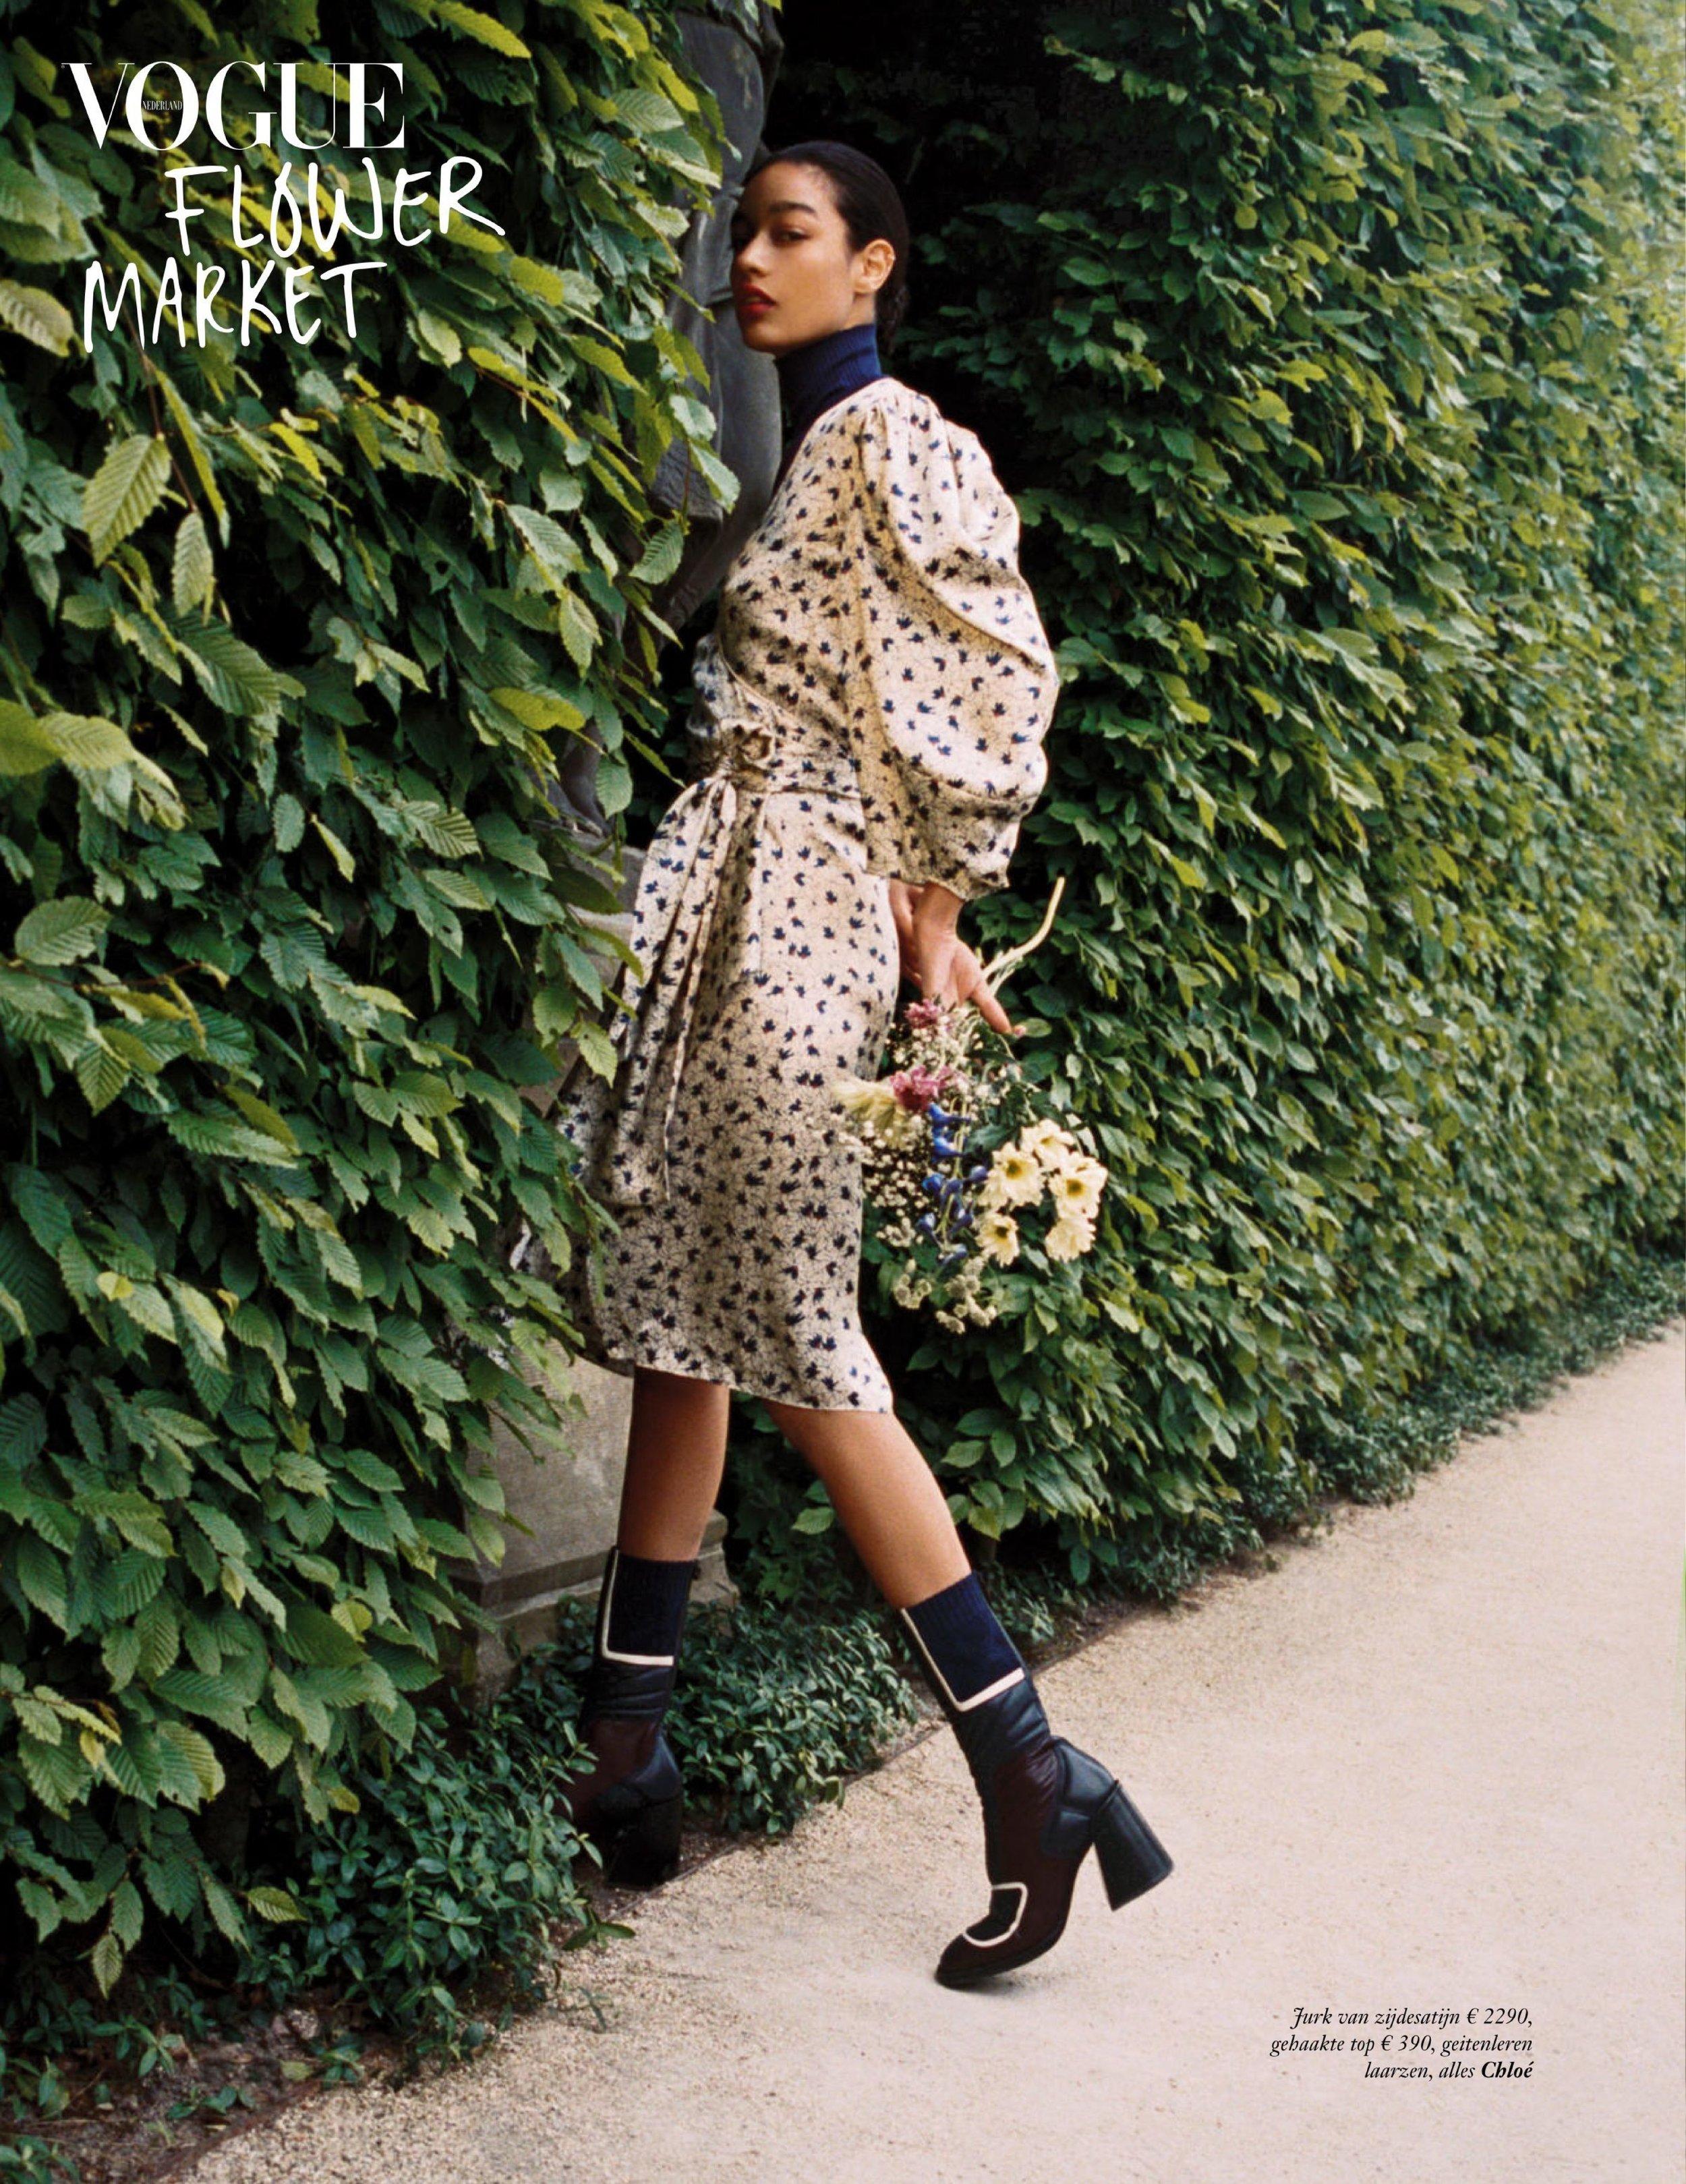 Damaris Goddrie by Walter Perre for Vogue Netherlands Sept 2019 (4).jpg